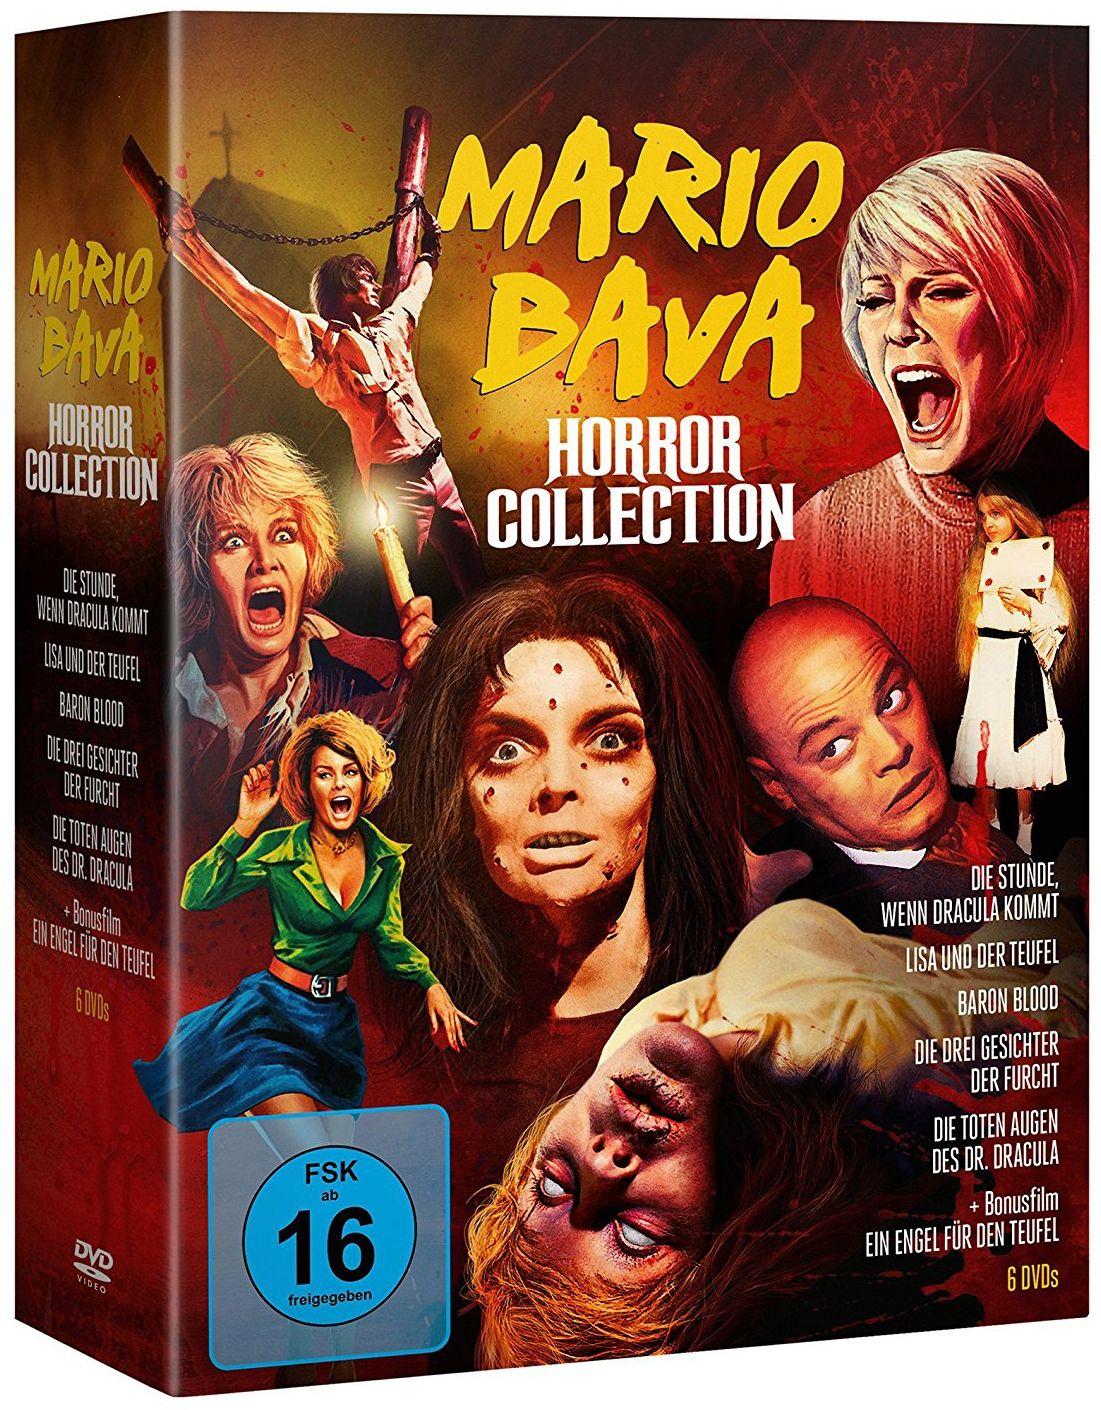 Mario Bava Horror Collection (6 Discs)